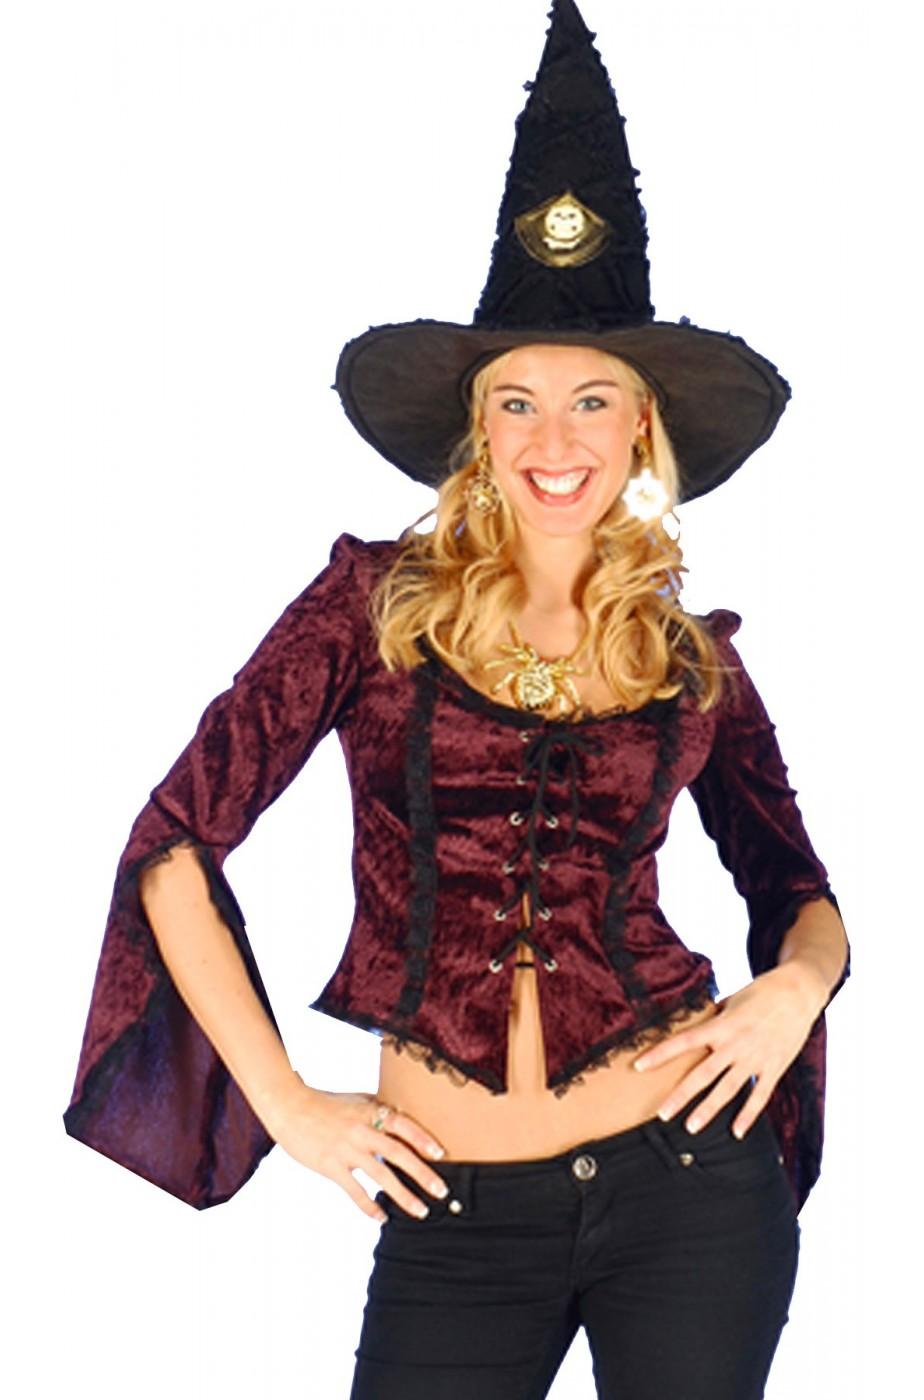 Camicia donna pirata/800/burlesque/strega, moschettiere